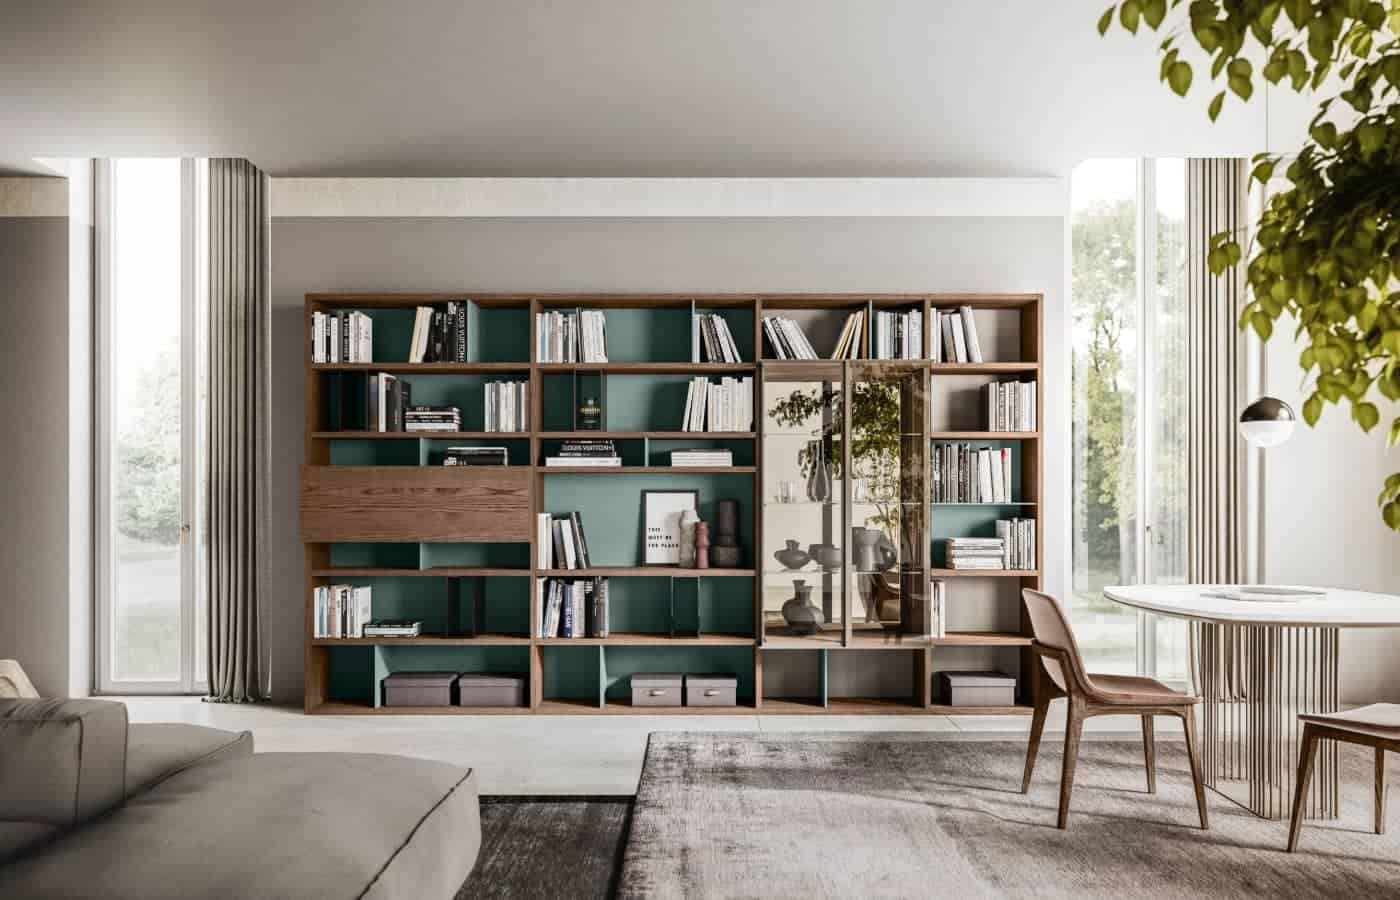 zona-giorno-librerie-collezioni-alaska-il-mobile (2)